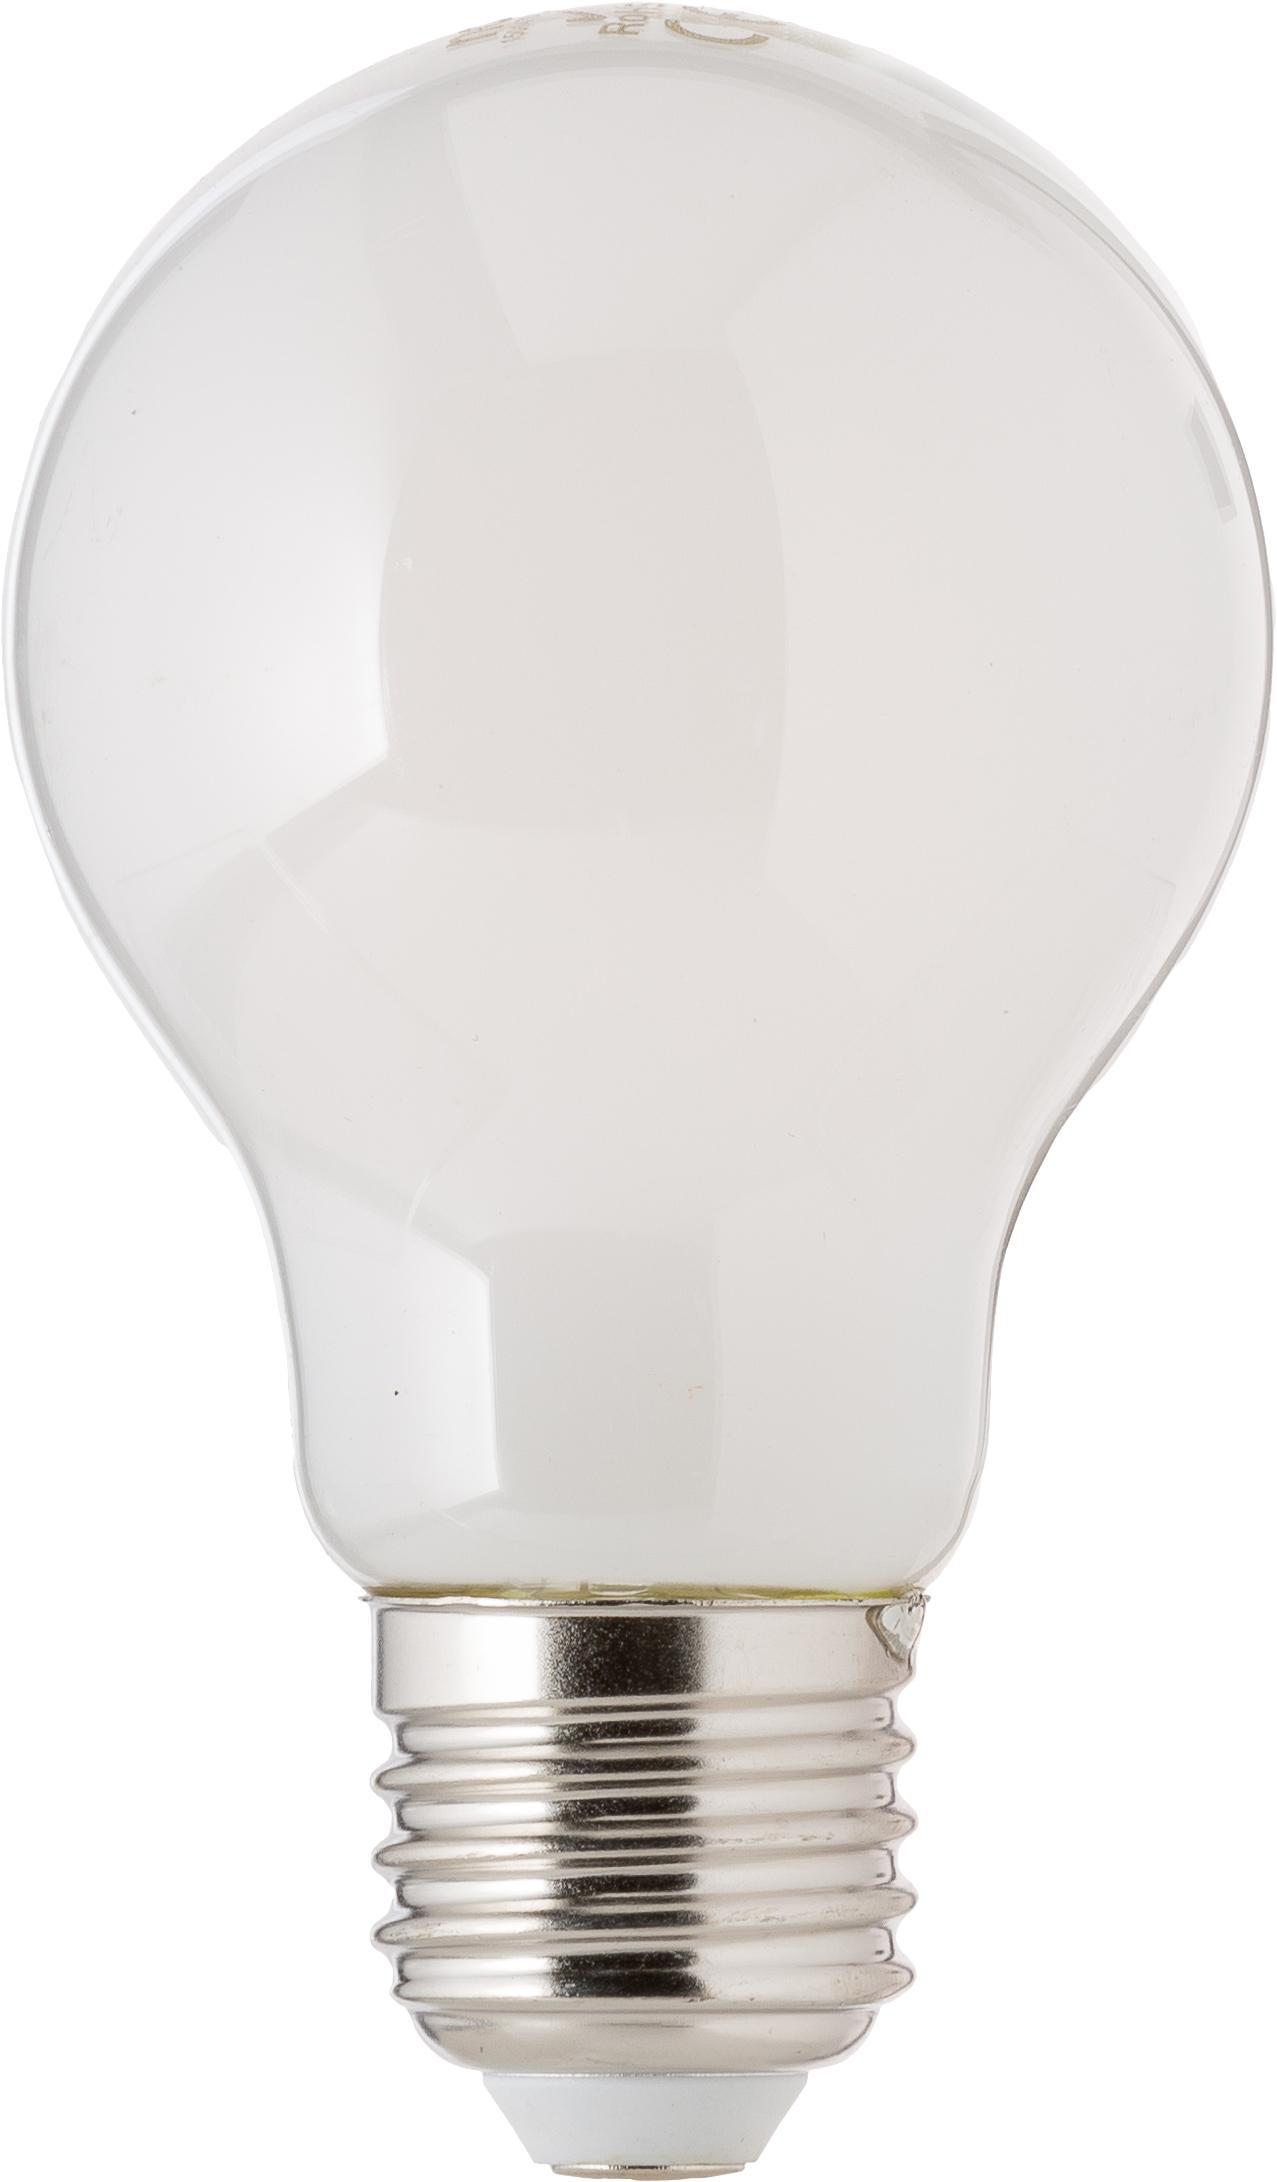 Dimbare LED lamp Bafa (E27 / 8W) 3 stuks, Peertje: kunststof, Fitting: aluminium, Wit, Ø 8 x H 10 cm